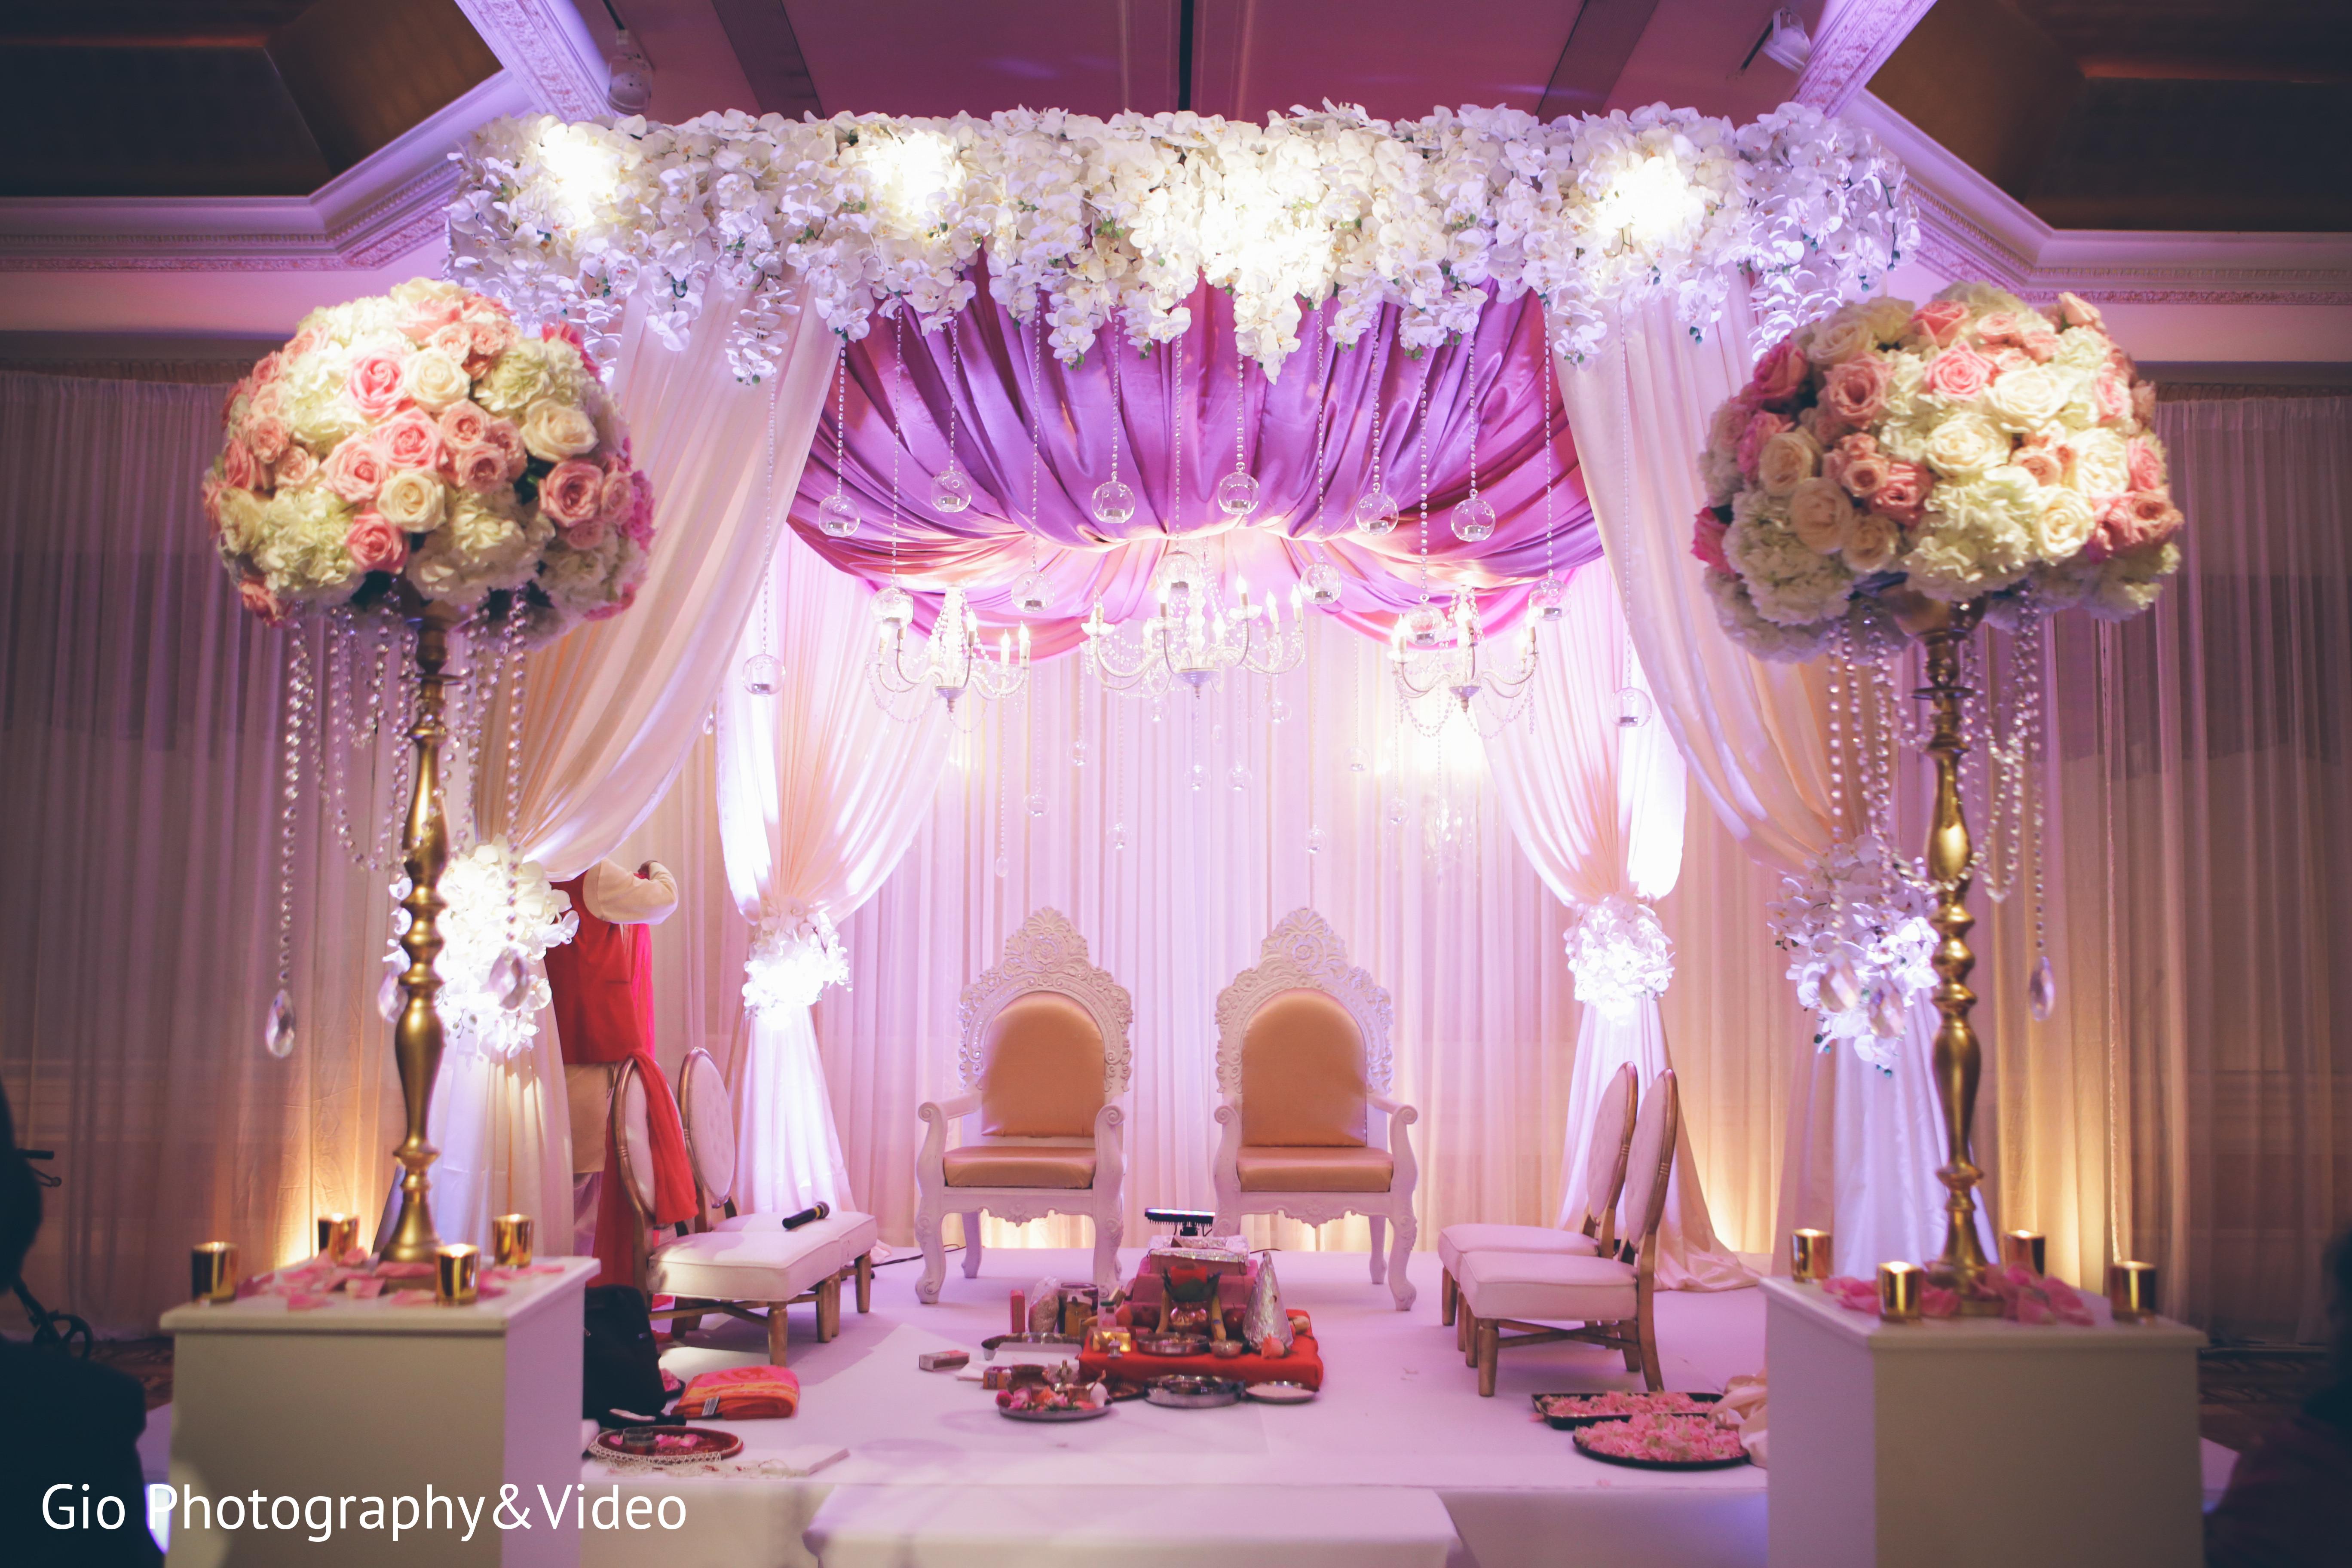 Ceremony | Photo 51365